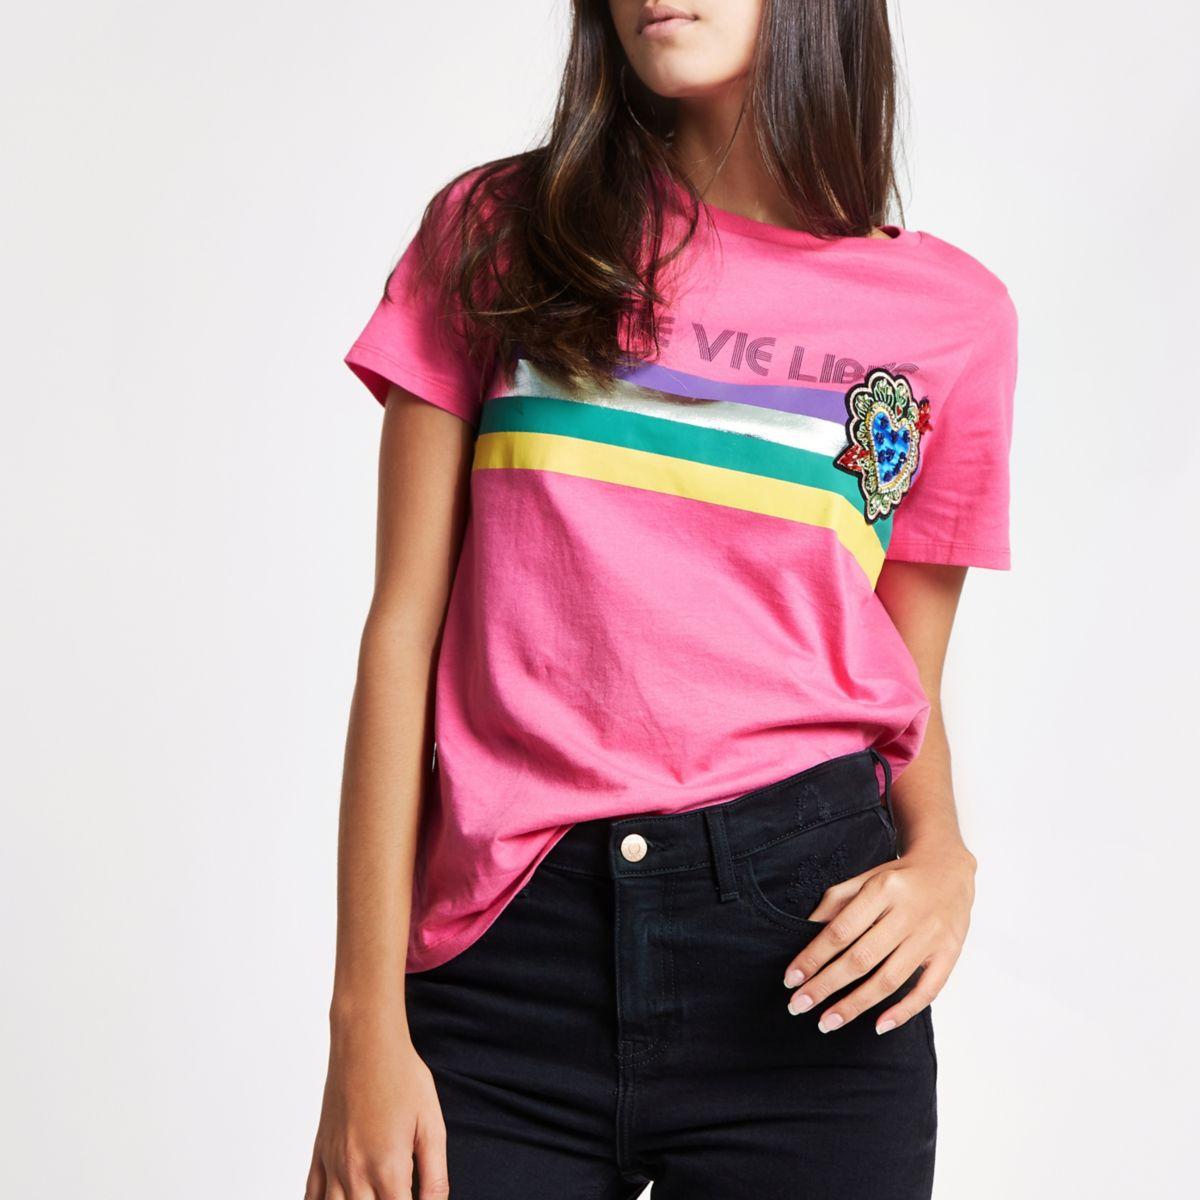 Pink 'Une vie' brooch T-shirt